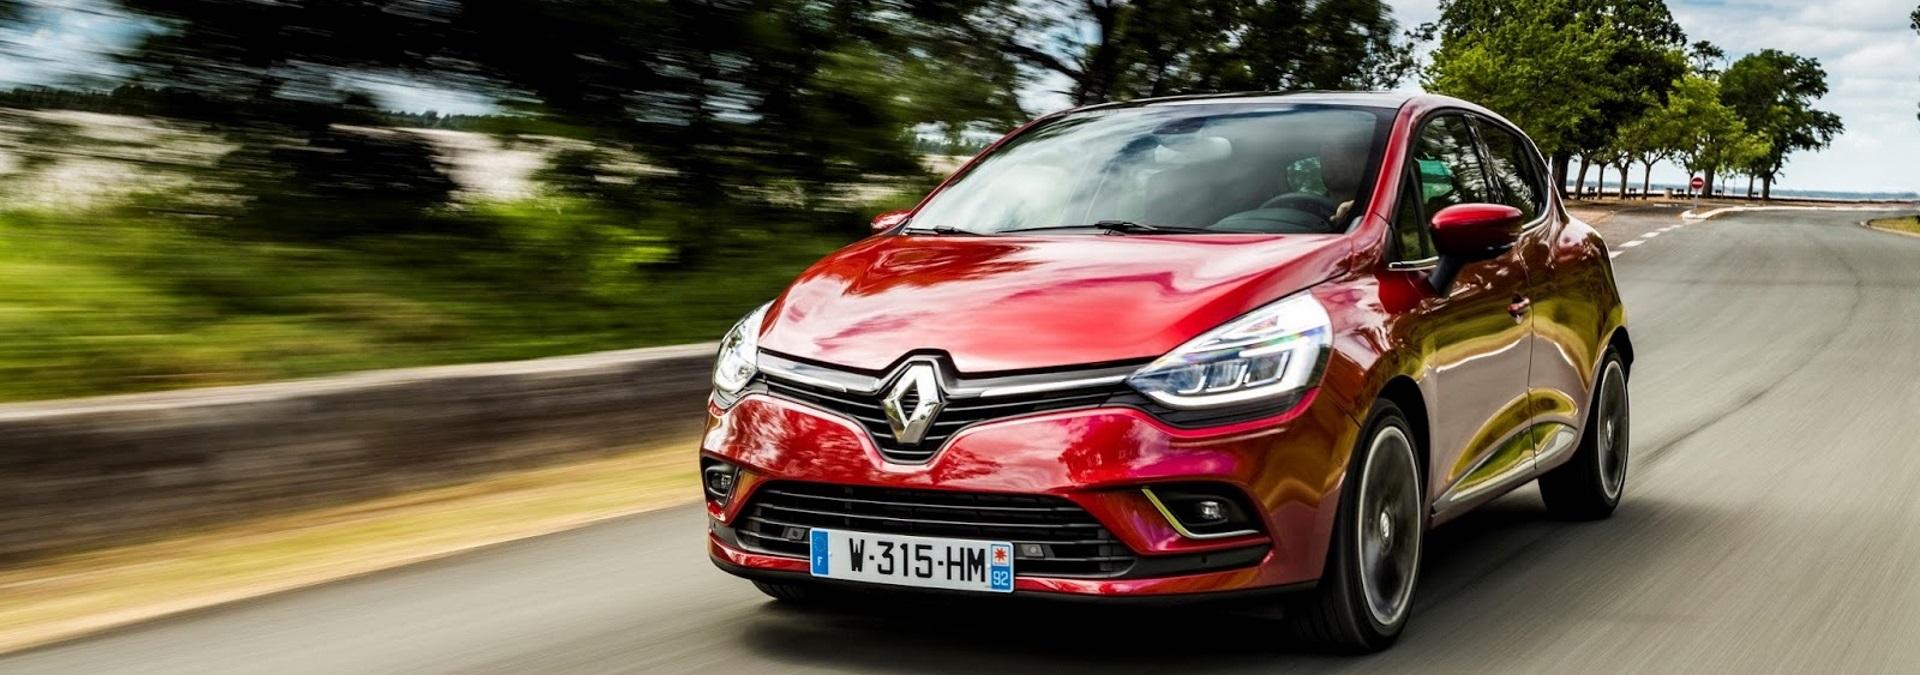 Renault Clio_2016